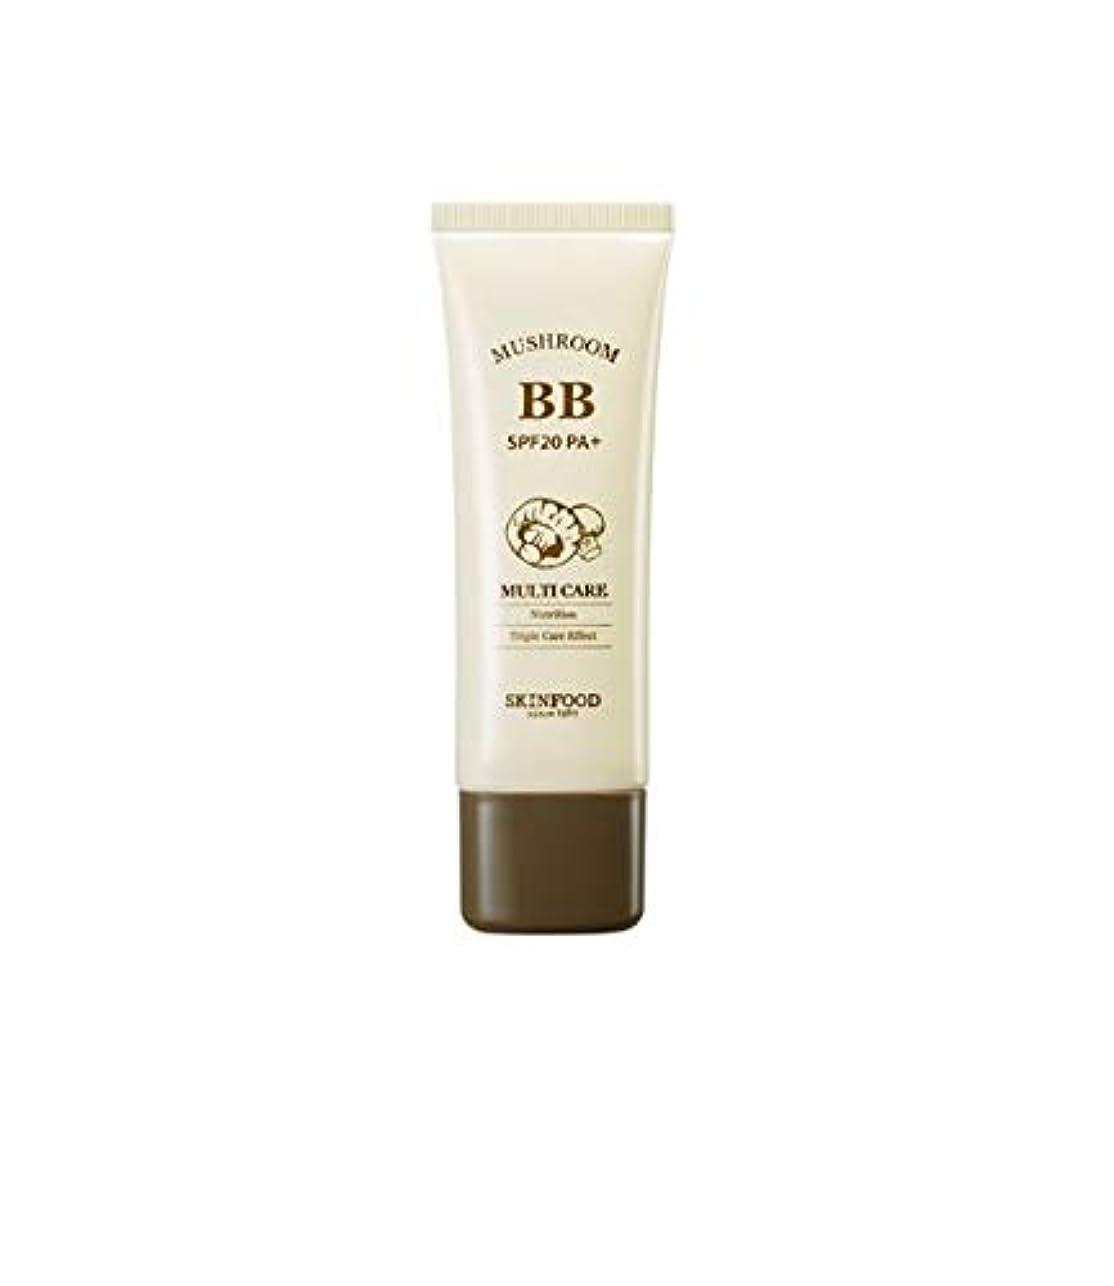 一時的センサー贅沢なSkinfood マッシュルームマルチケアBBクリームSPF20 PA +#No。 2ナチュラルスキン / Mushroom Multi Care BB Cream SPF20 PA+#No. 2 Natural Skin...